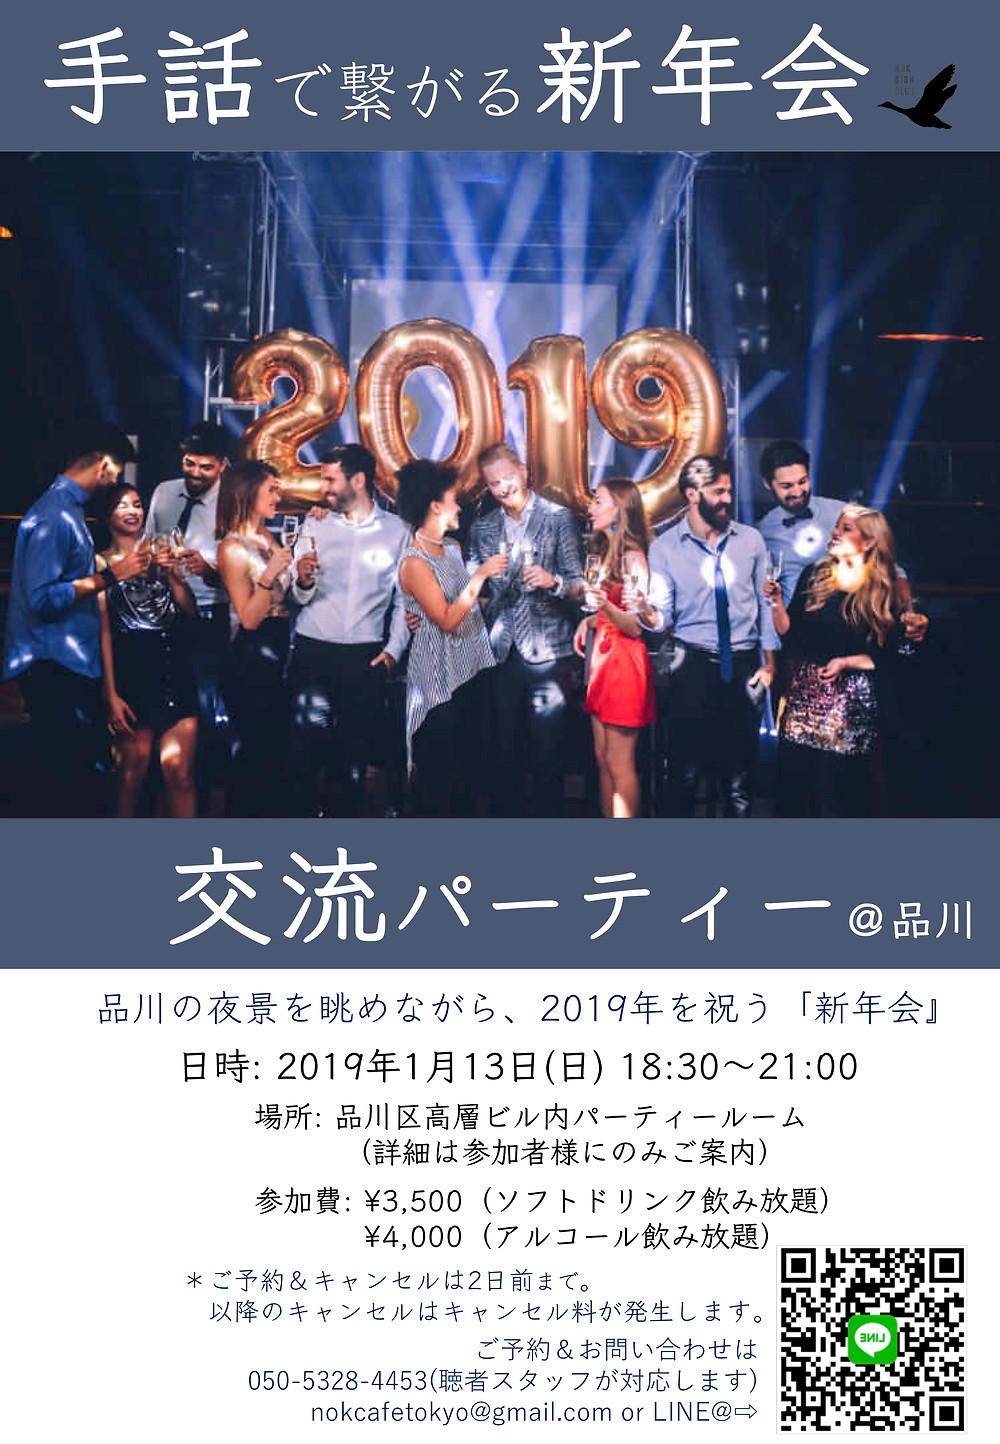 東京 手話イベント 2019年手話で繋がる新年会